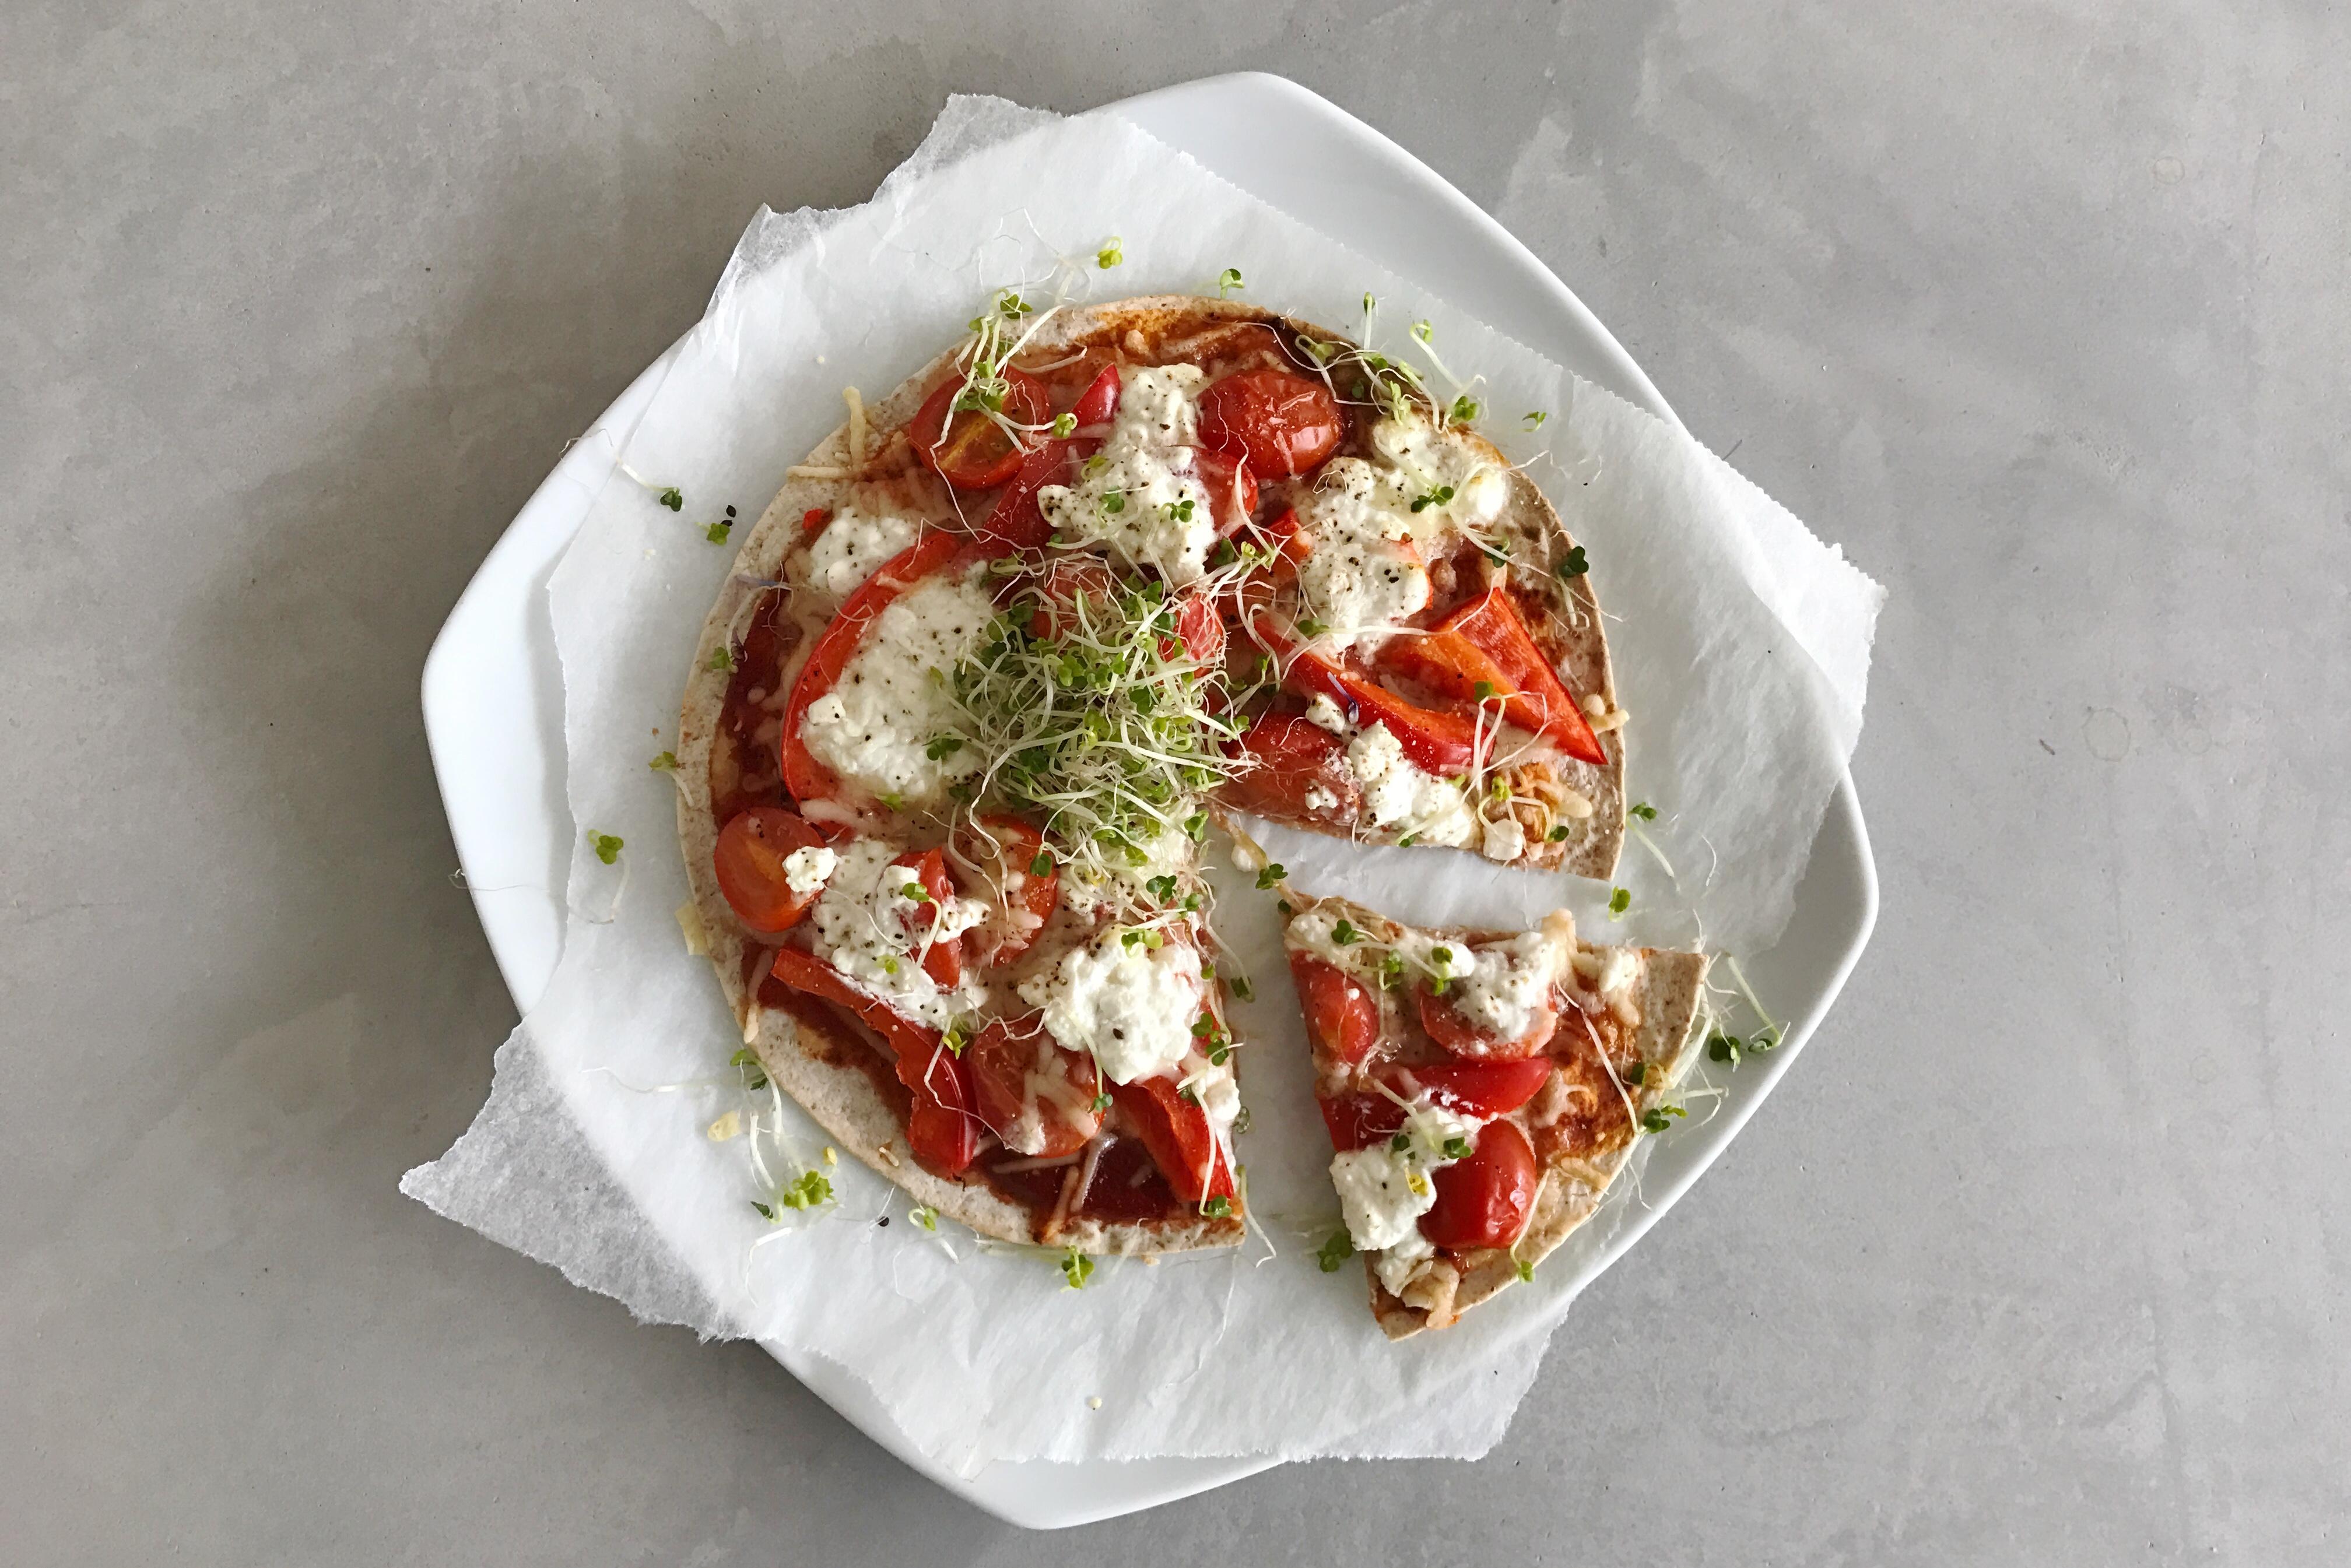 snelle gezonde pizza met kiemen, gezondere levensstijl